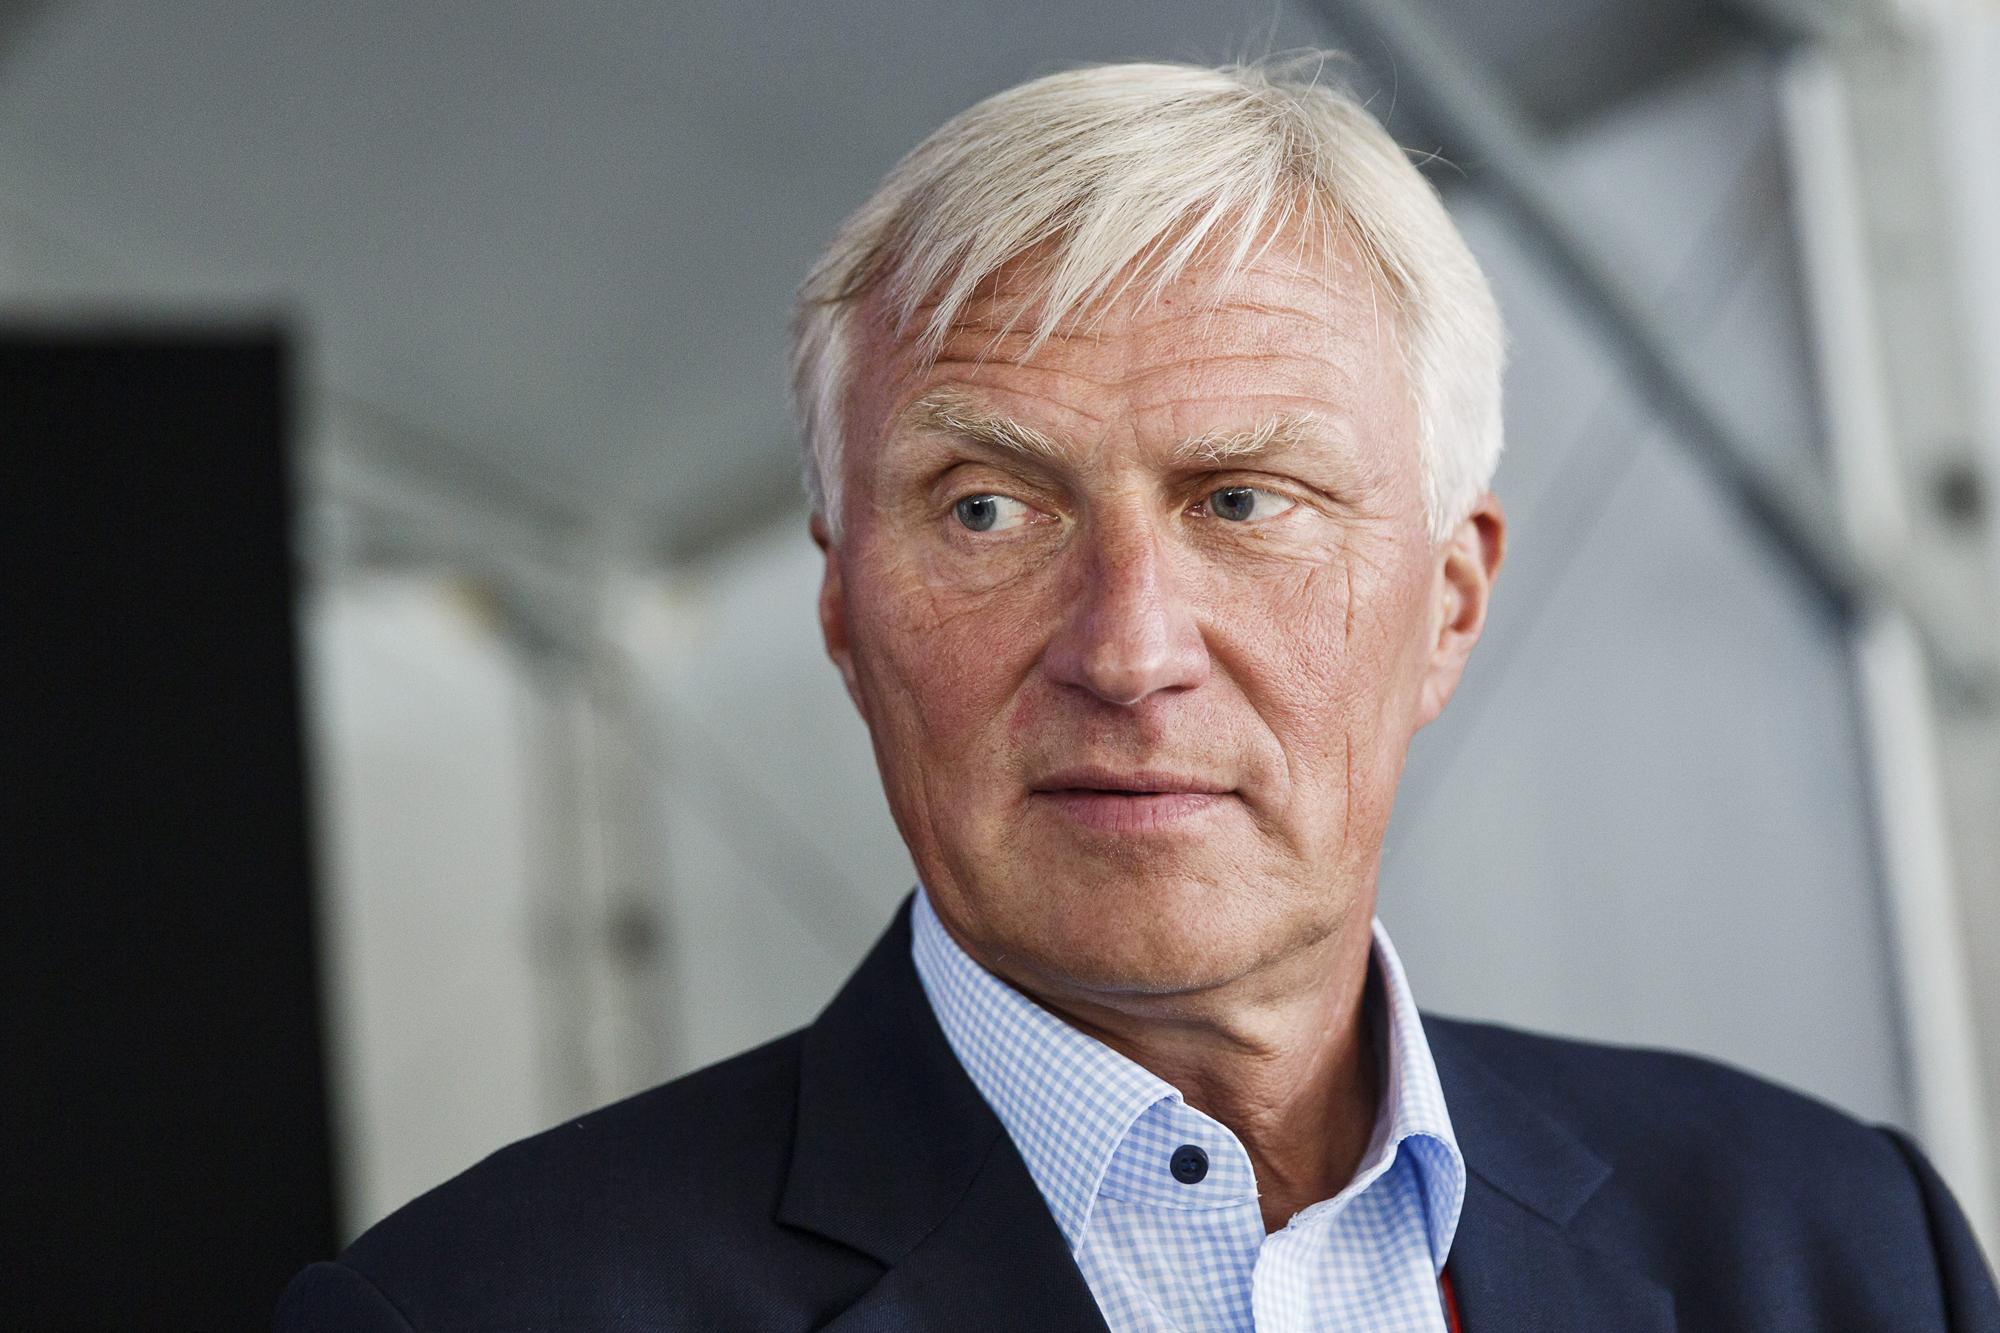 Village haastatteli Professori Anssi Vanjokea kokemuksestaan kimppa-asunnon vuokranantajana. (Kuva © Lehtikuva / Roni Rekomaa)